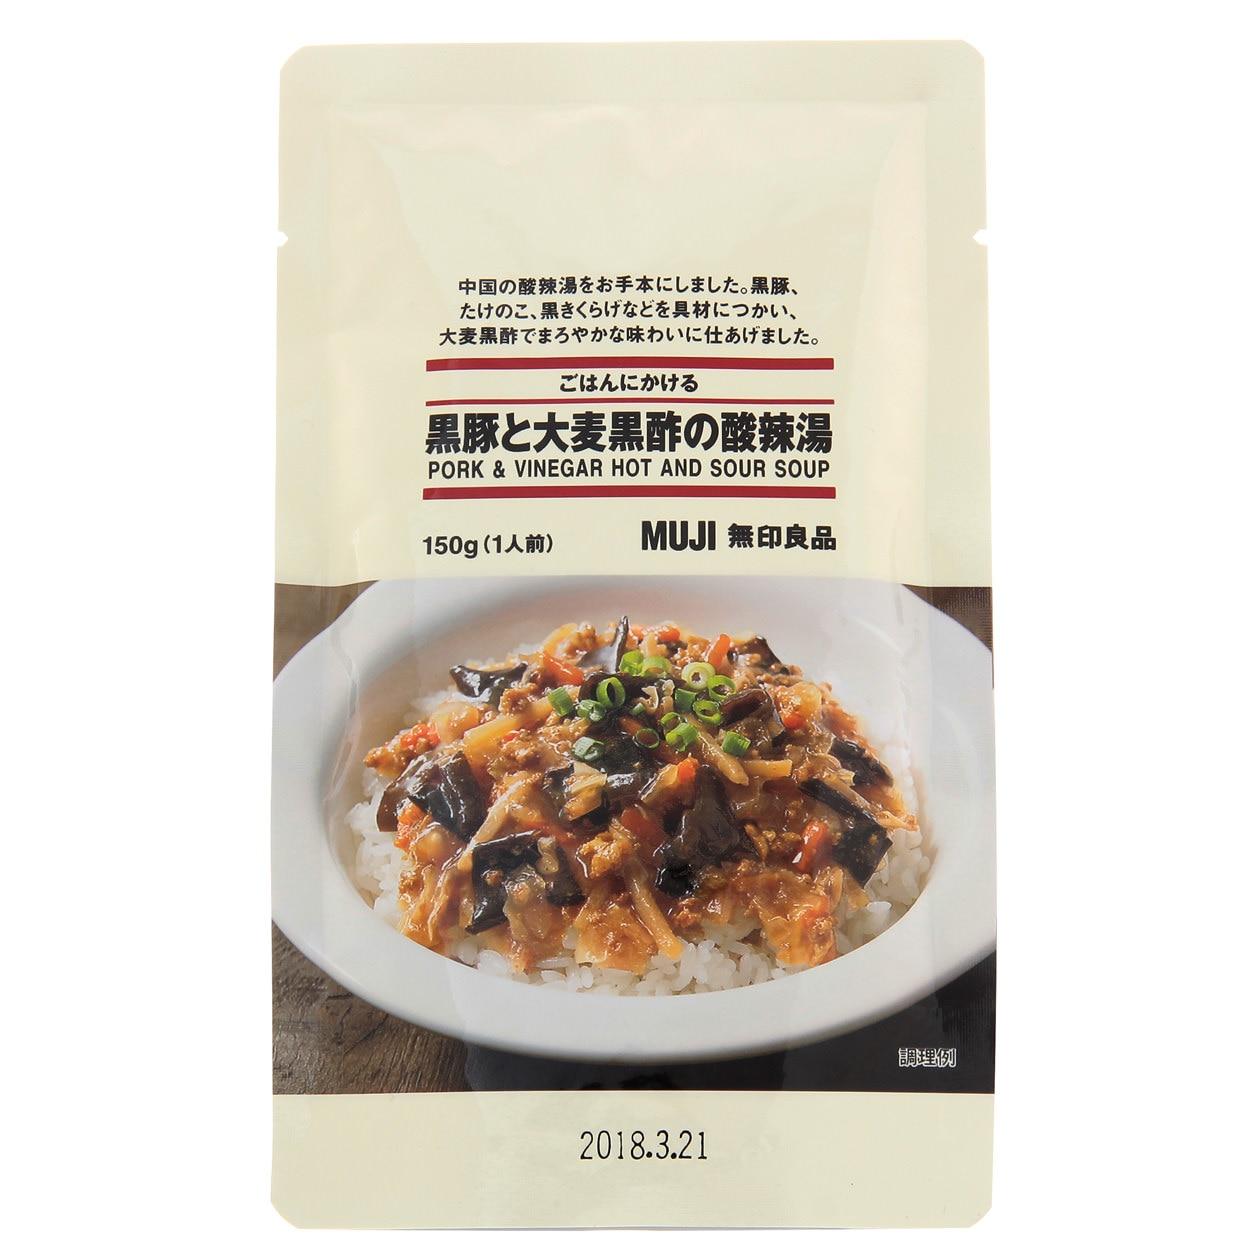 ごはんにかける 黒豚と大麦黒酢の酸辣湯 150g(1人前) コンビニ受取可